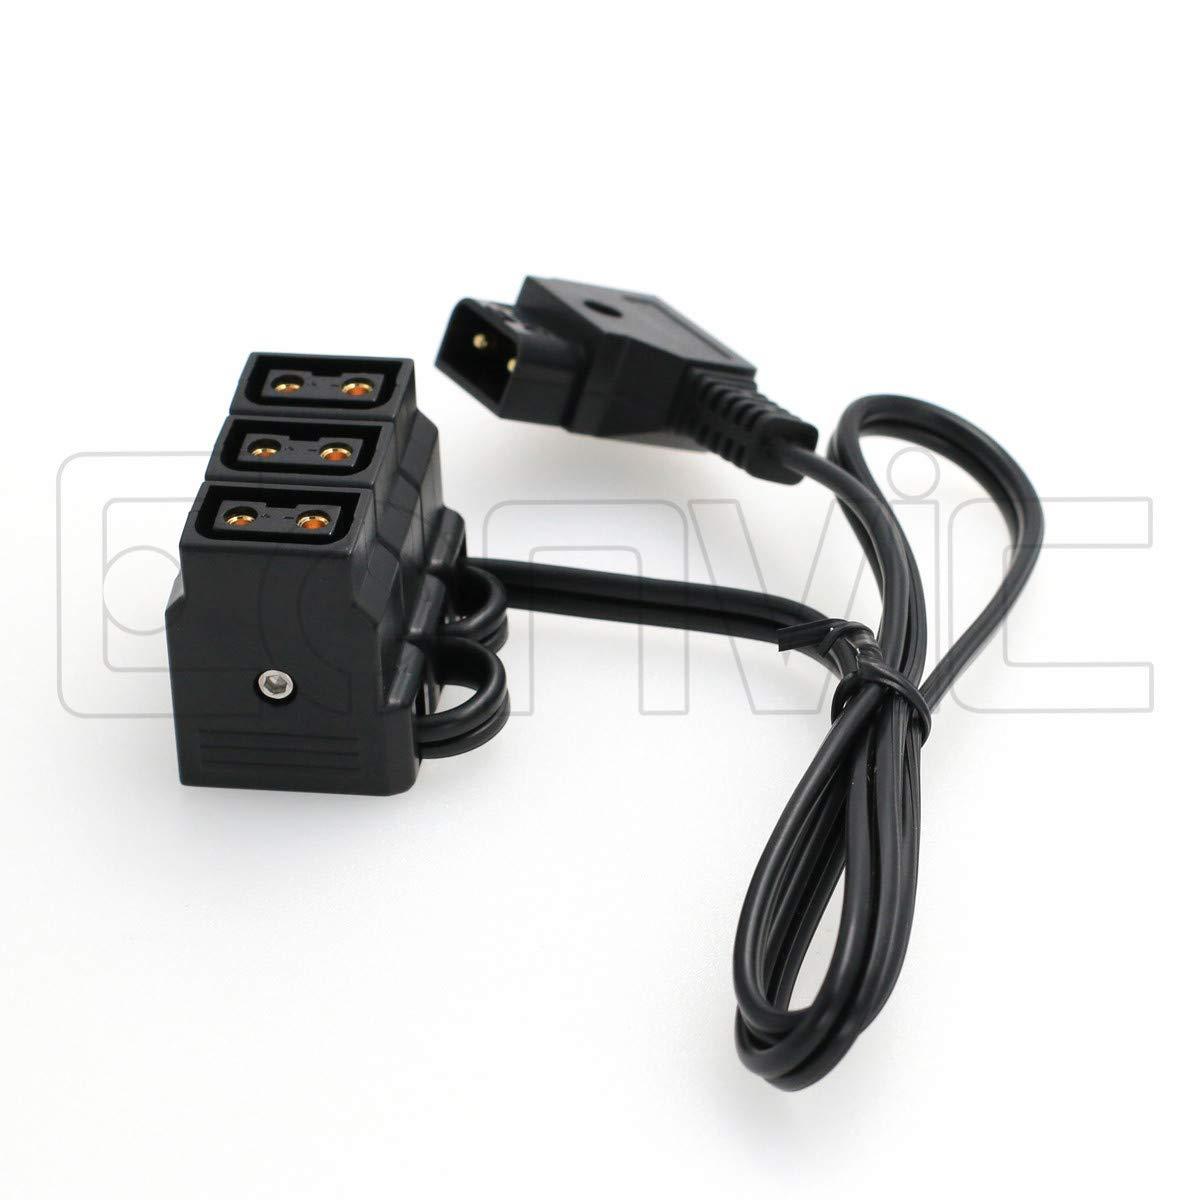 Eonvic D Tap Typ B Auf 3 Port Buchse P Tap D Tap Hub Adapter Splitter Für Fotografie Power Gewerbe Industrie Wissenschaft